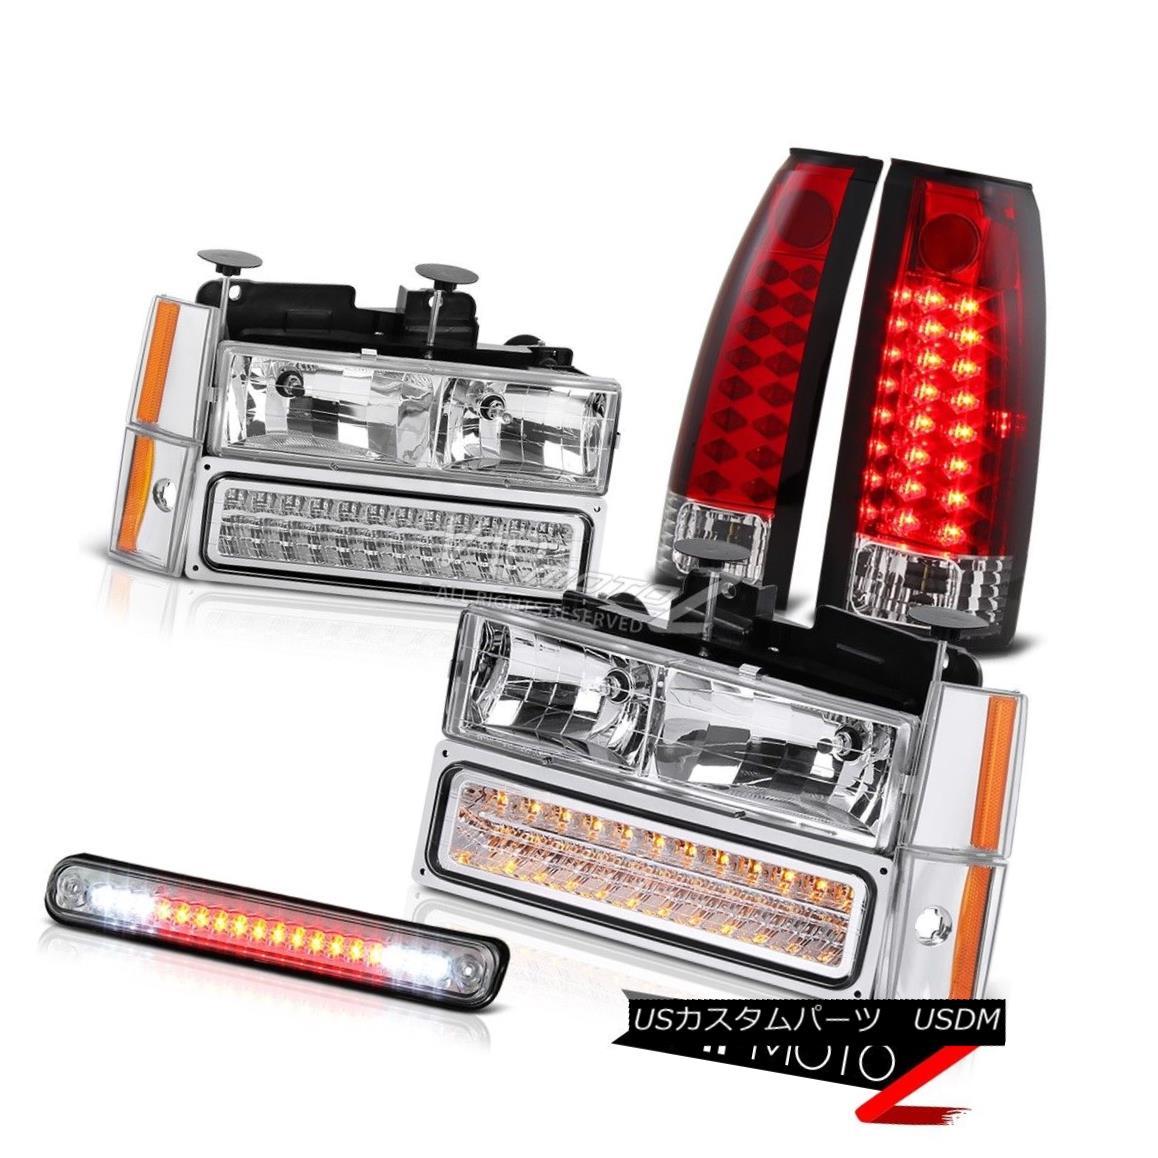 ヘッドライト 1988-1993 Chevrolet C1500 K1500 Truck Parking Corner Red LED Taillight Headlight 1988-1993シボレーC1500 K1500トラックパーキングコーナーレッドLEDテールライトヘッドライト